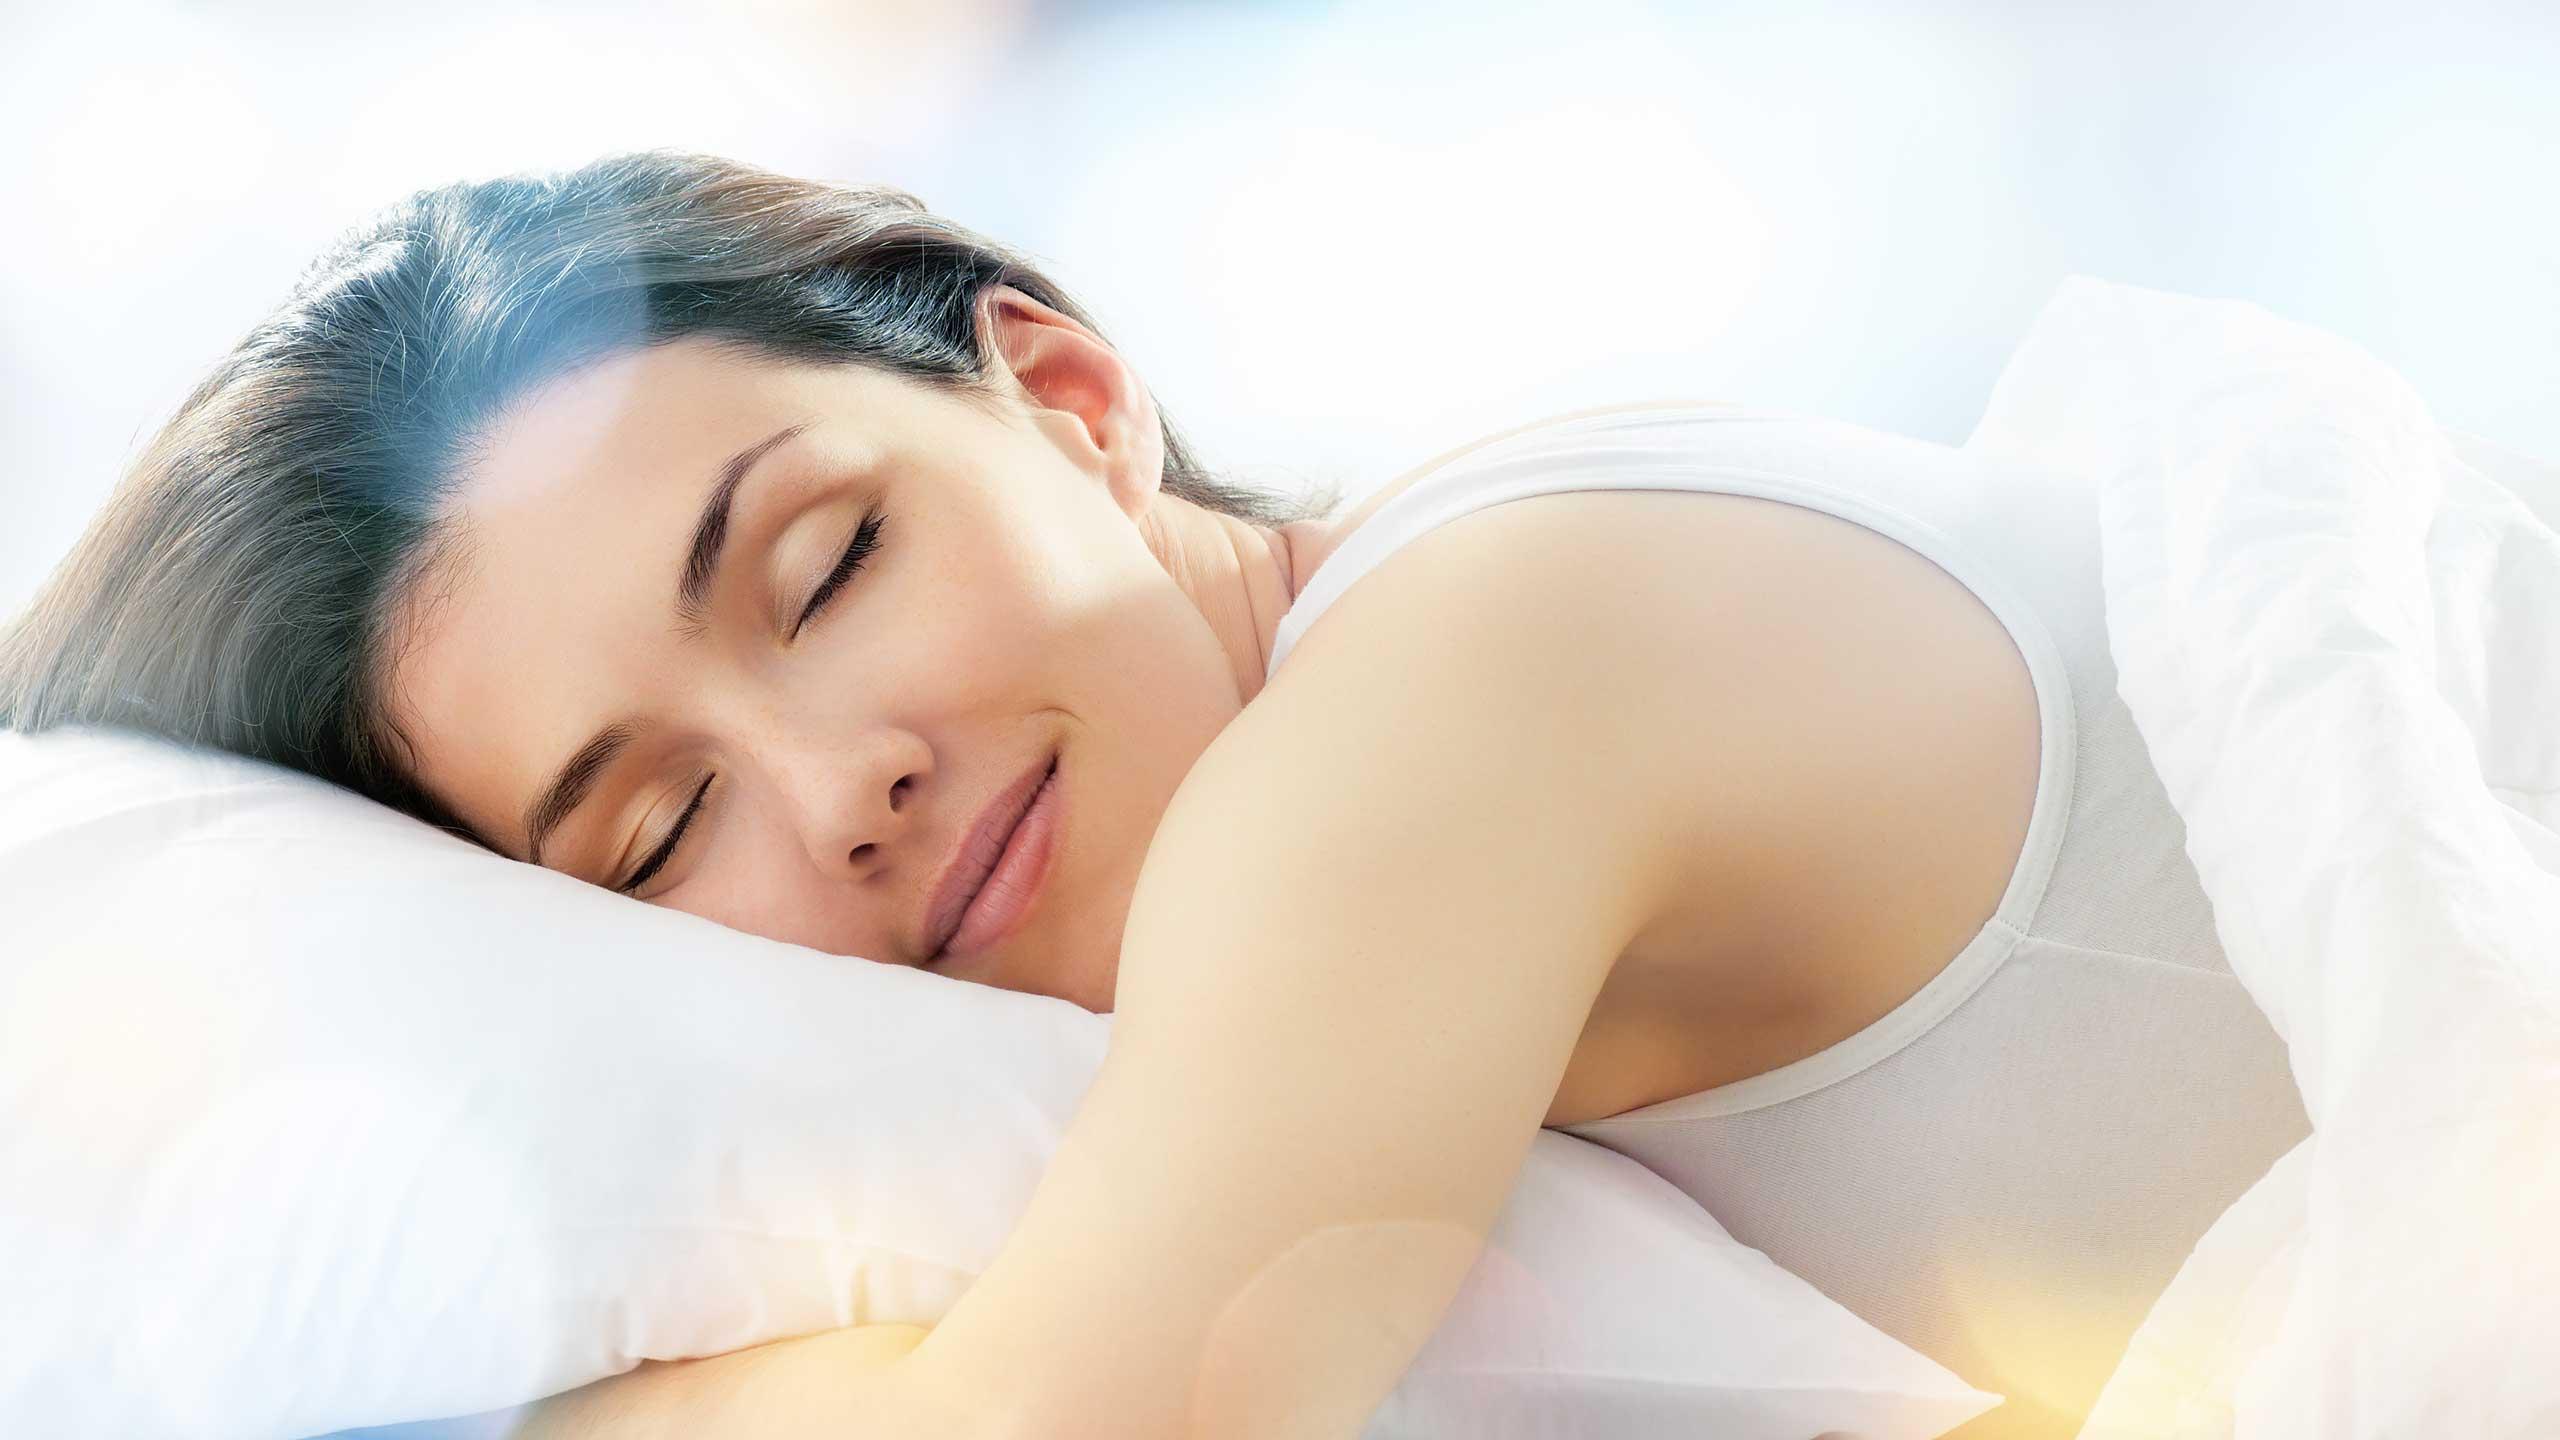 Μεσημεριανός Ύπνο Μειώνει τον Κίνδυνο Καρδιακής Προσβολής και Εγκεφαλικού